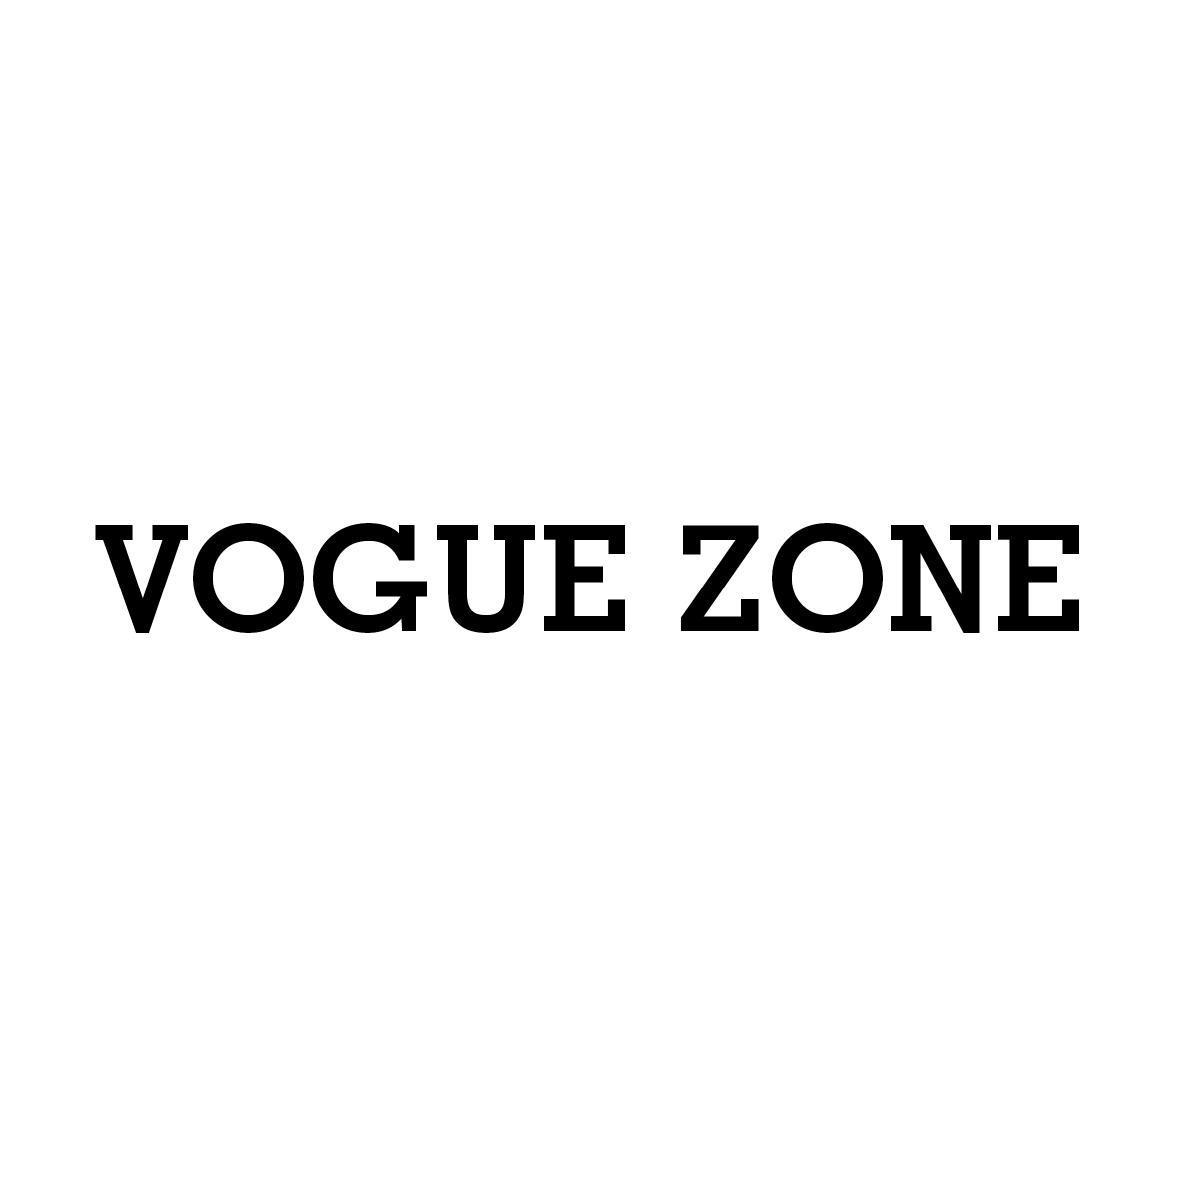 VOGUE ZONE